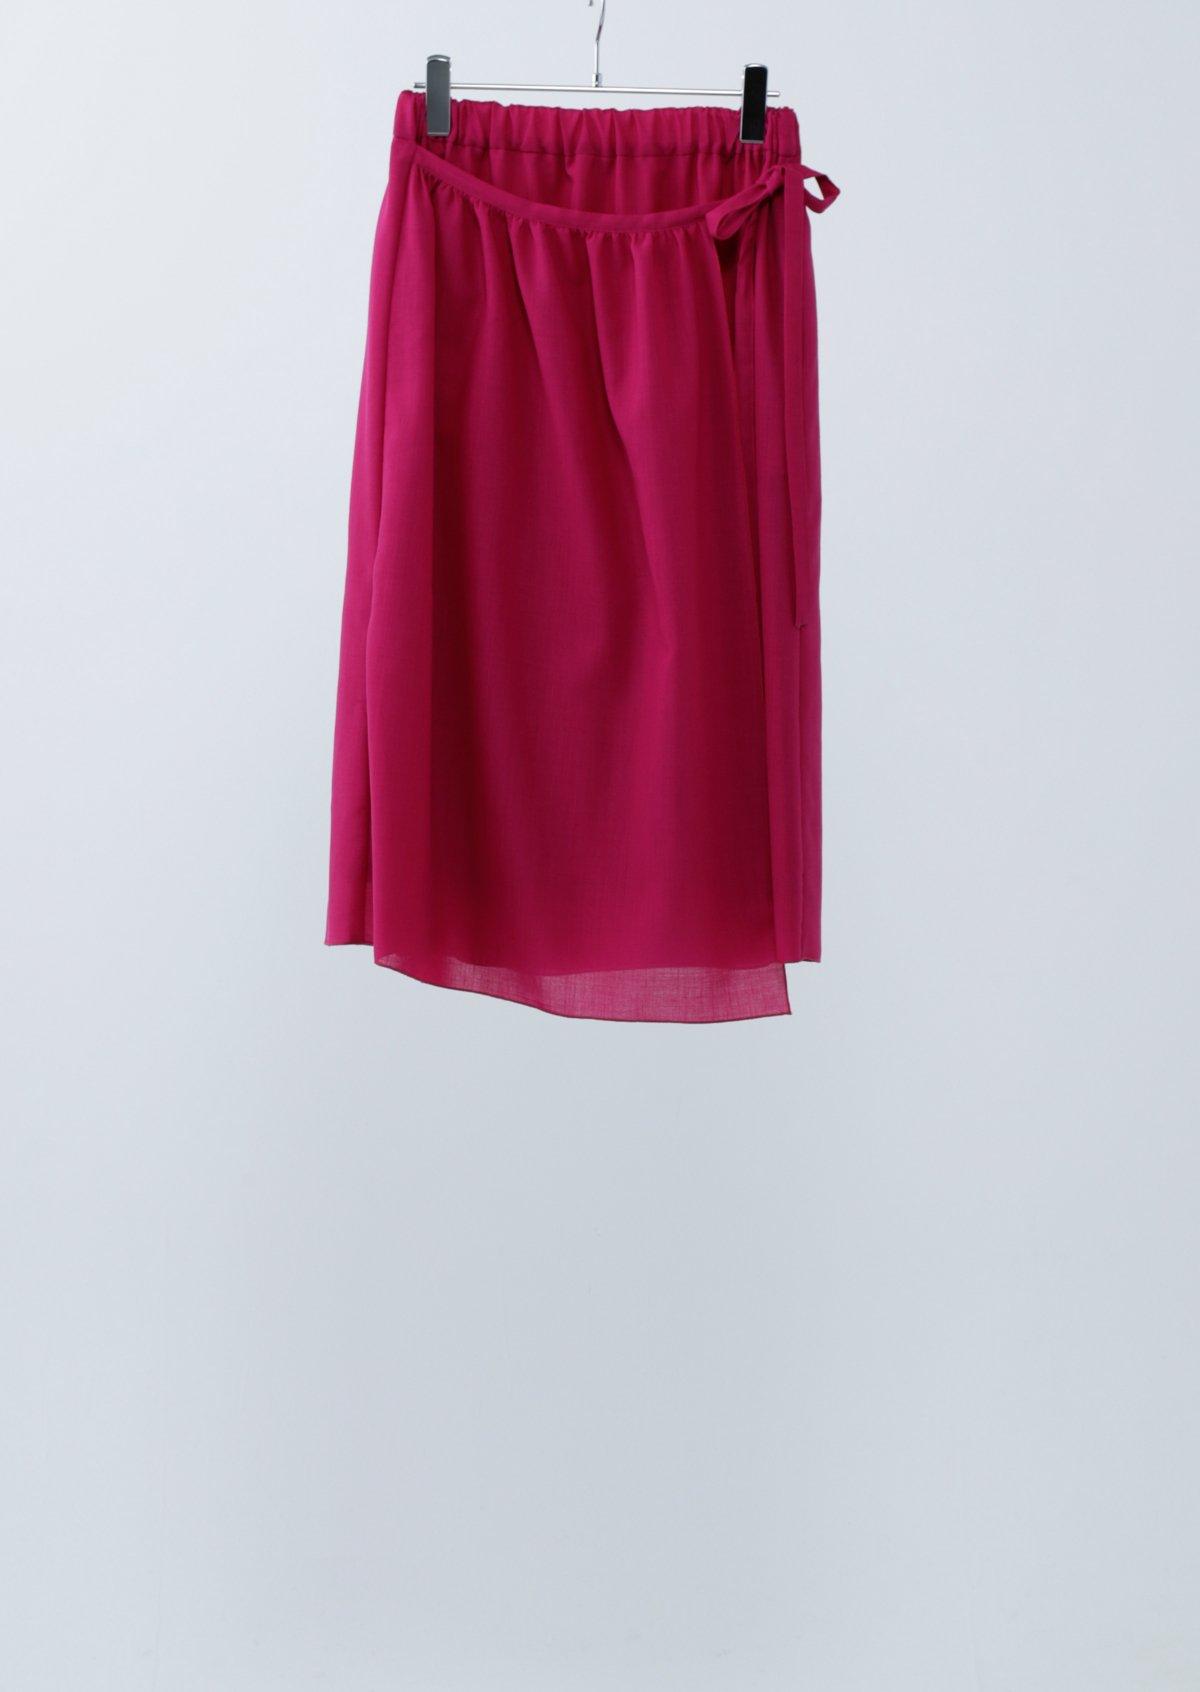 エンベロップスカート